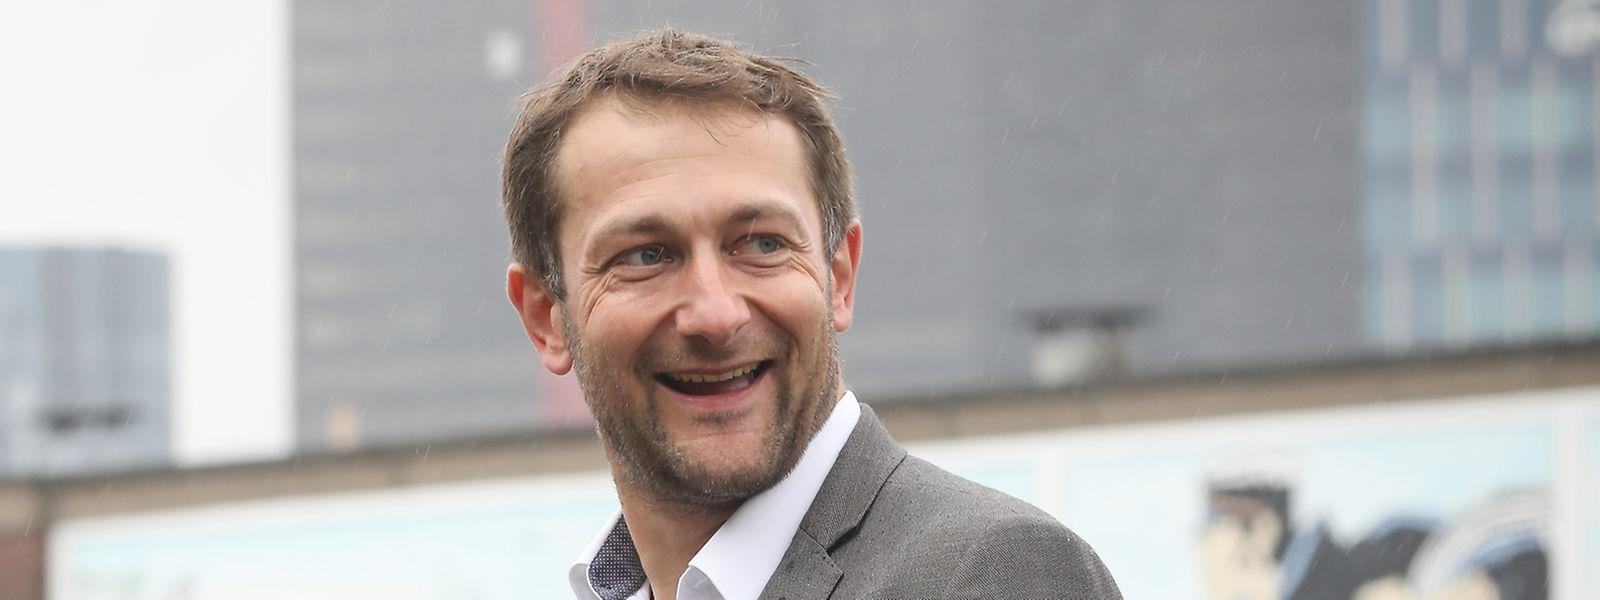 Le conseiller communal de Winseler siège au Parlement européen depuis 2018.